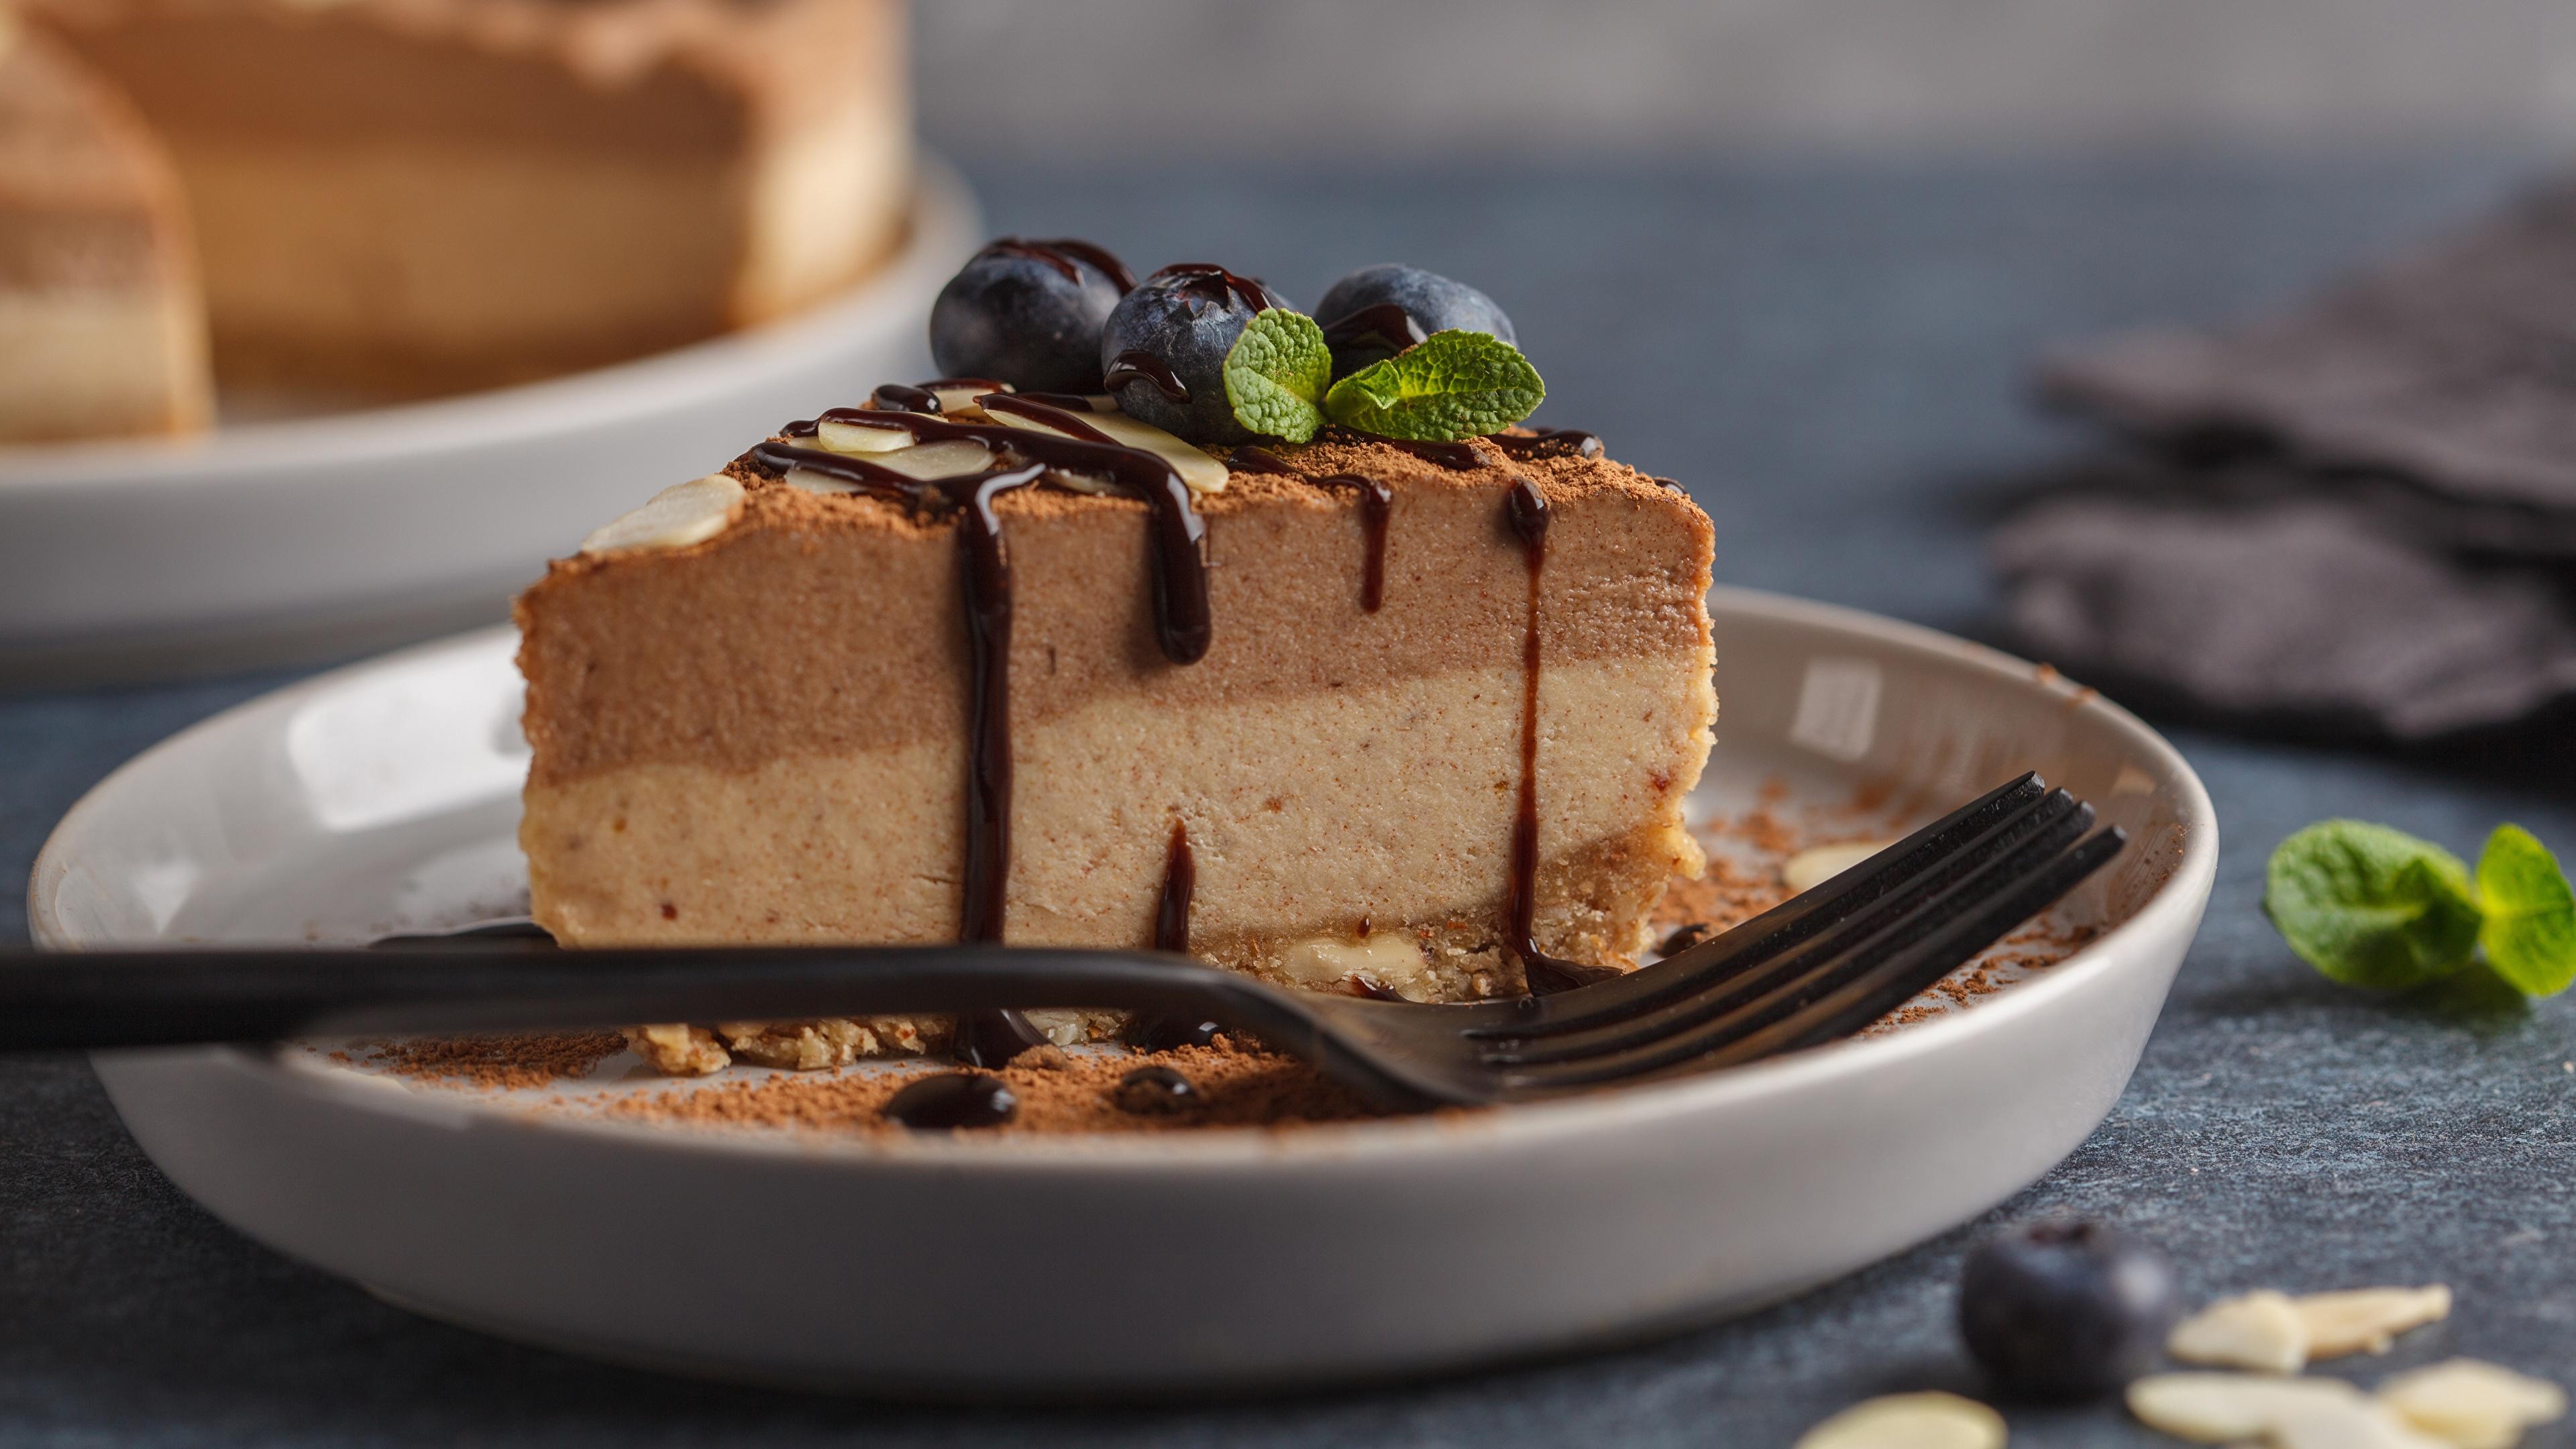 Картинки Шоколад Торты часть Еда Вилка столовая 3840x2160 Кусок Пища Продукты питания